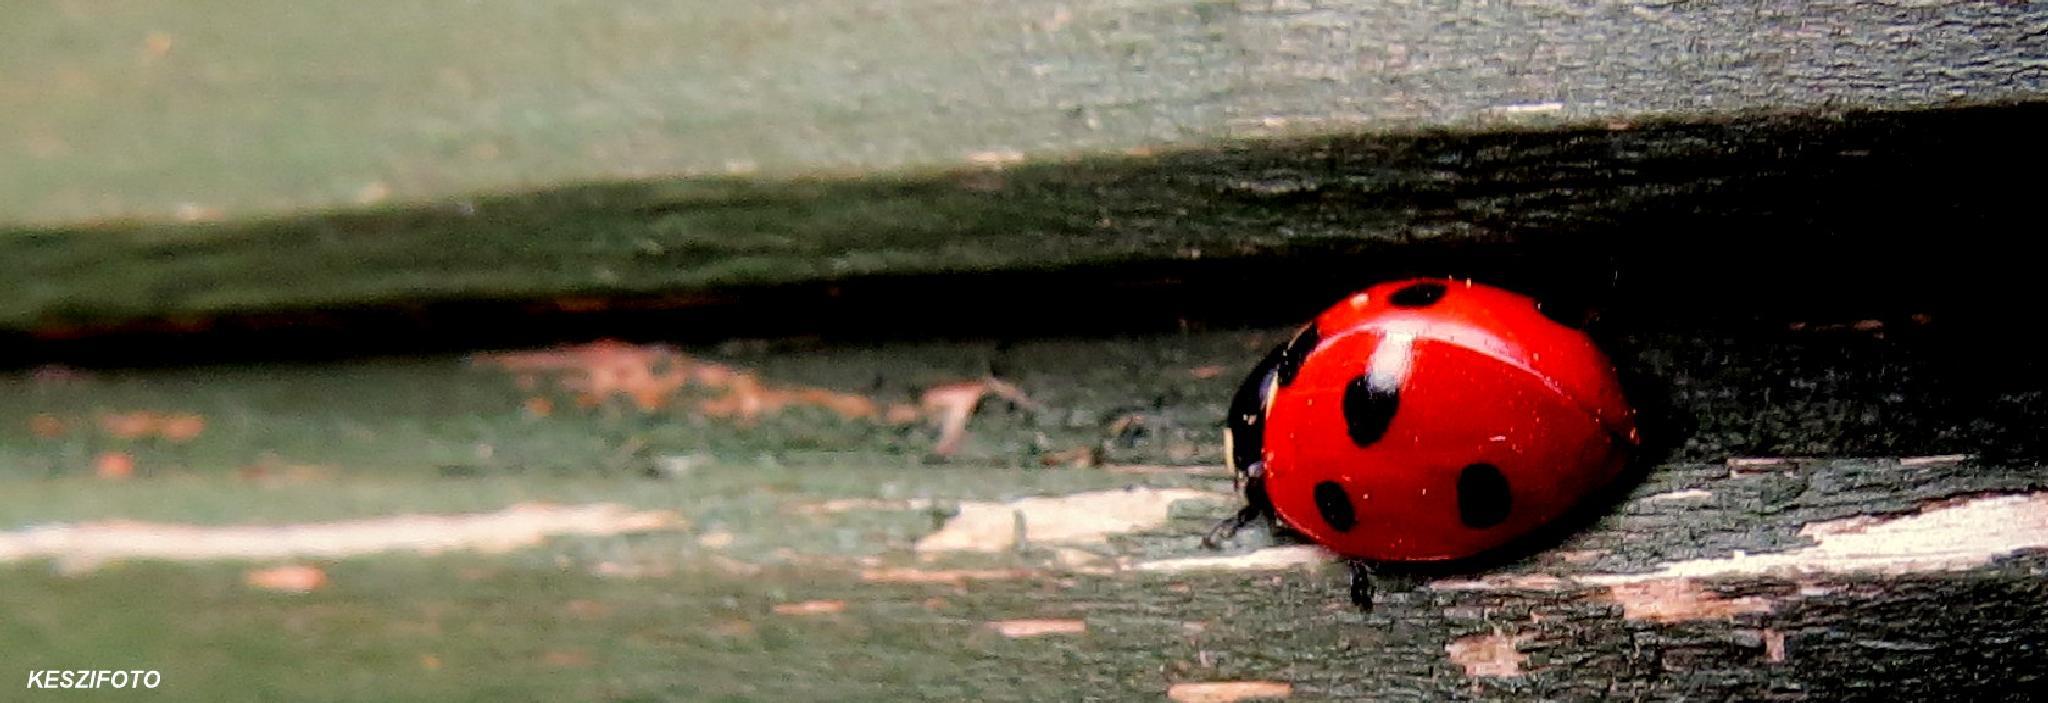 Ladybird by Jozsef Keszan